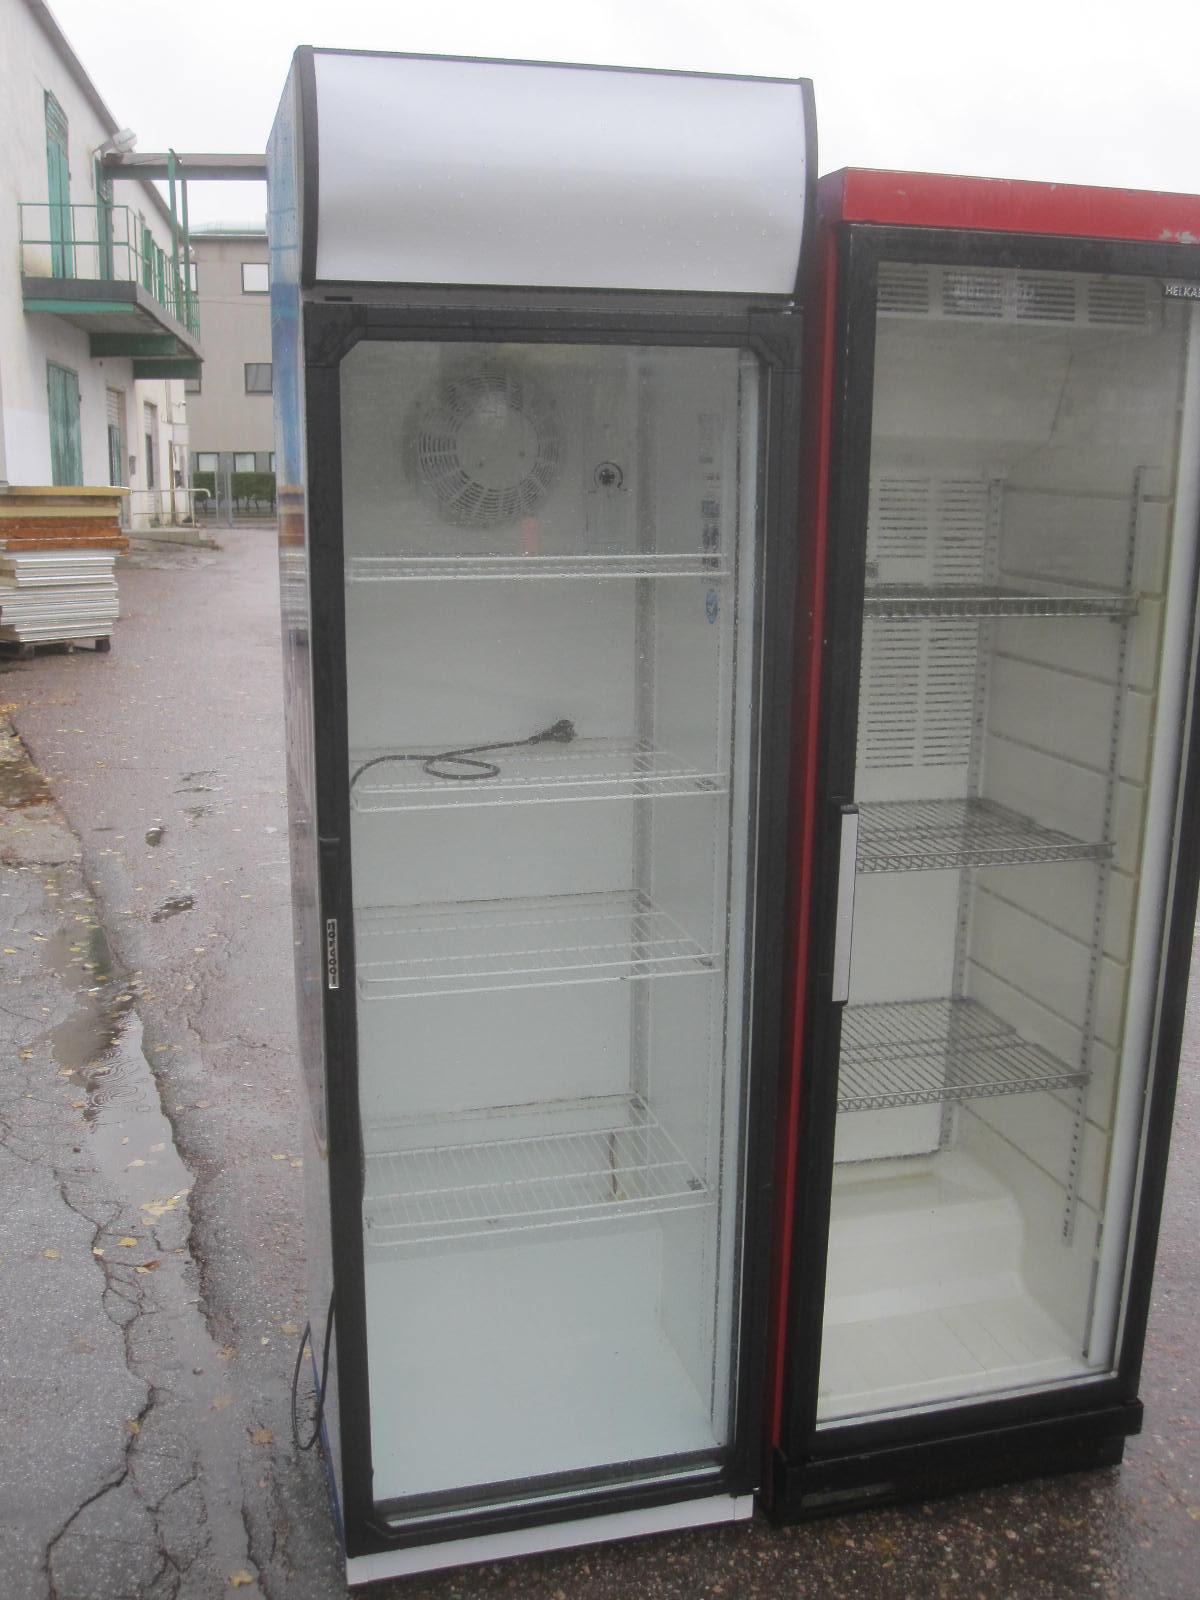 9be3eb0a3d3 Külmik Norcool S76 SL - Kreutz OÜ - Külmseadmed ja suurköögiseadmed